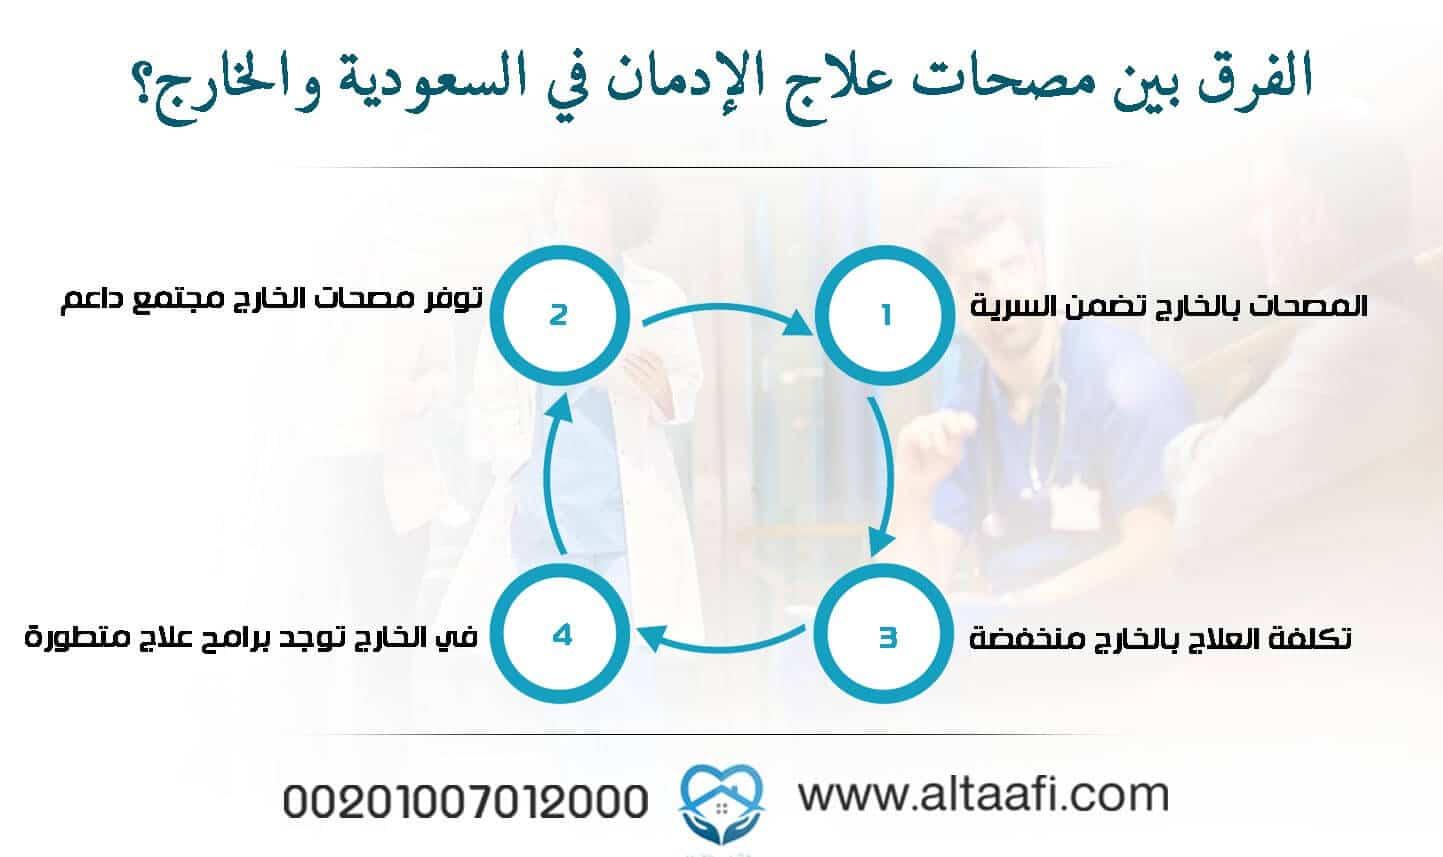 الفرق بين مصحات علاج الإدمان في السعودية والخارج؟